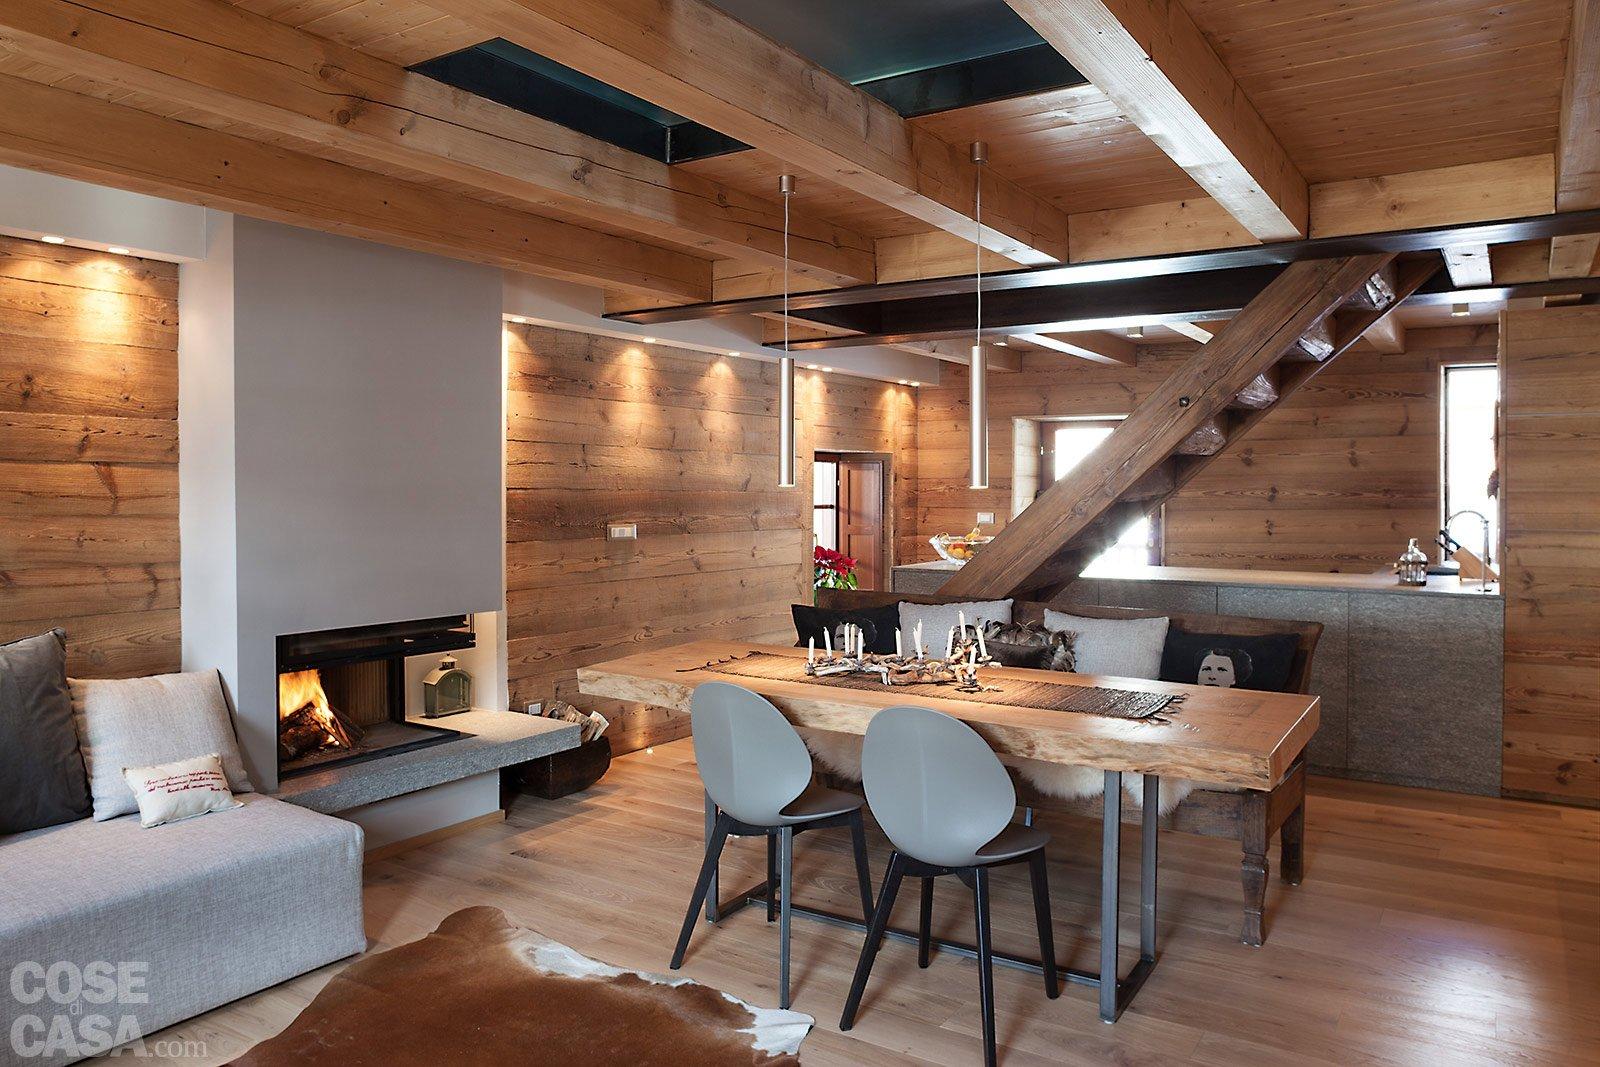 Atmosfera Da Chalet In Una Casa Moderna Cose Di Casa #A26929 1600 1067 Illuminare Sala Da Pranzo